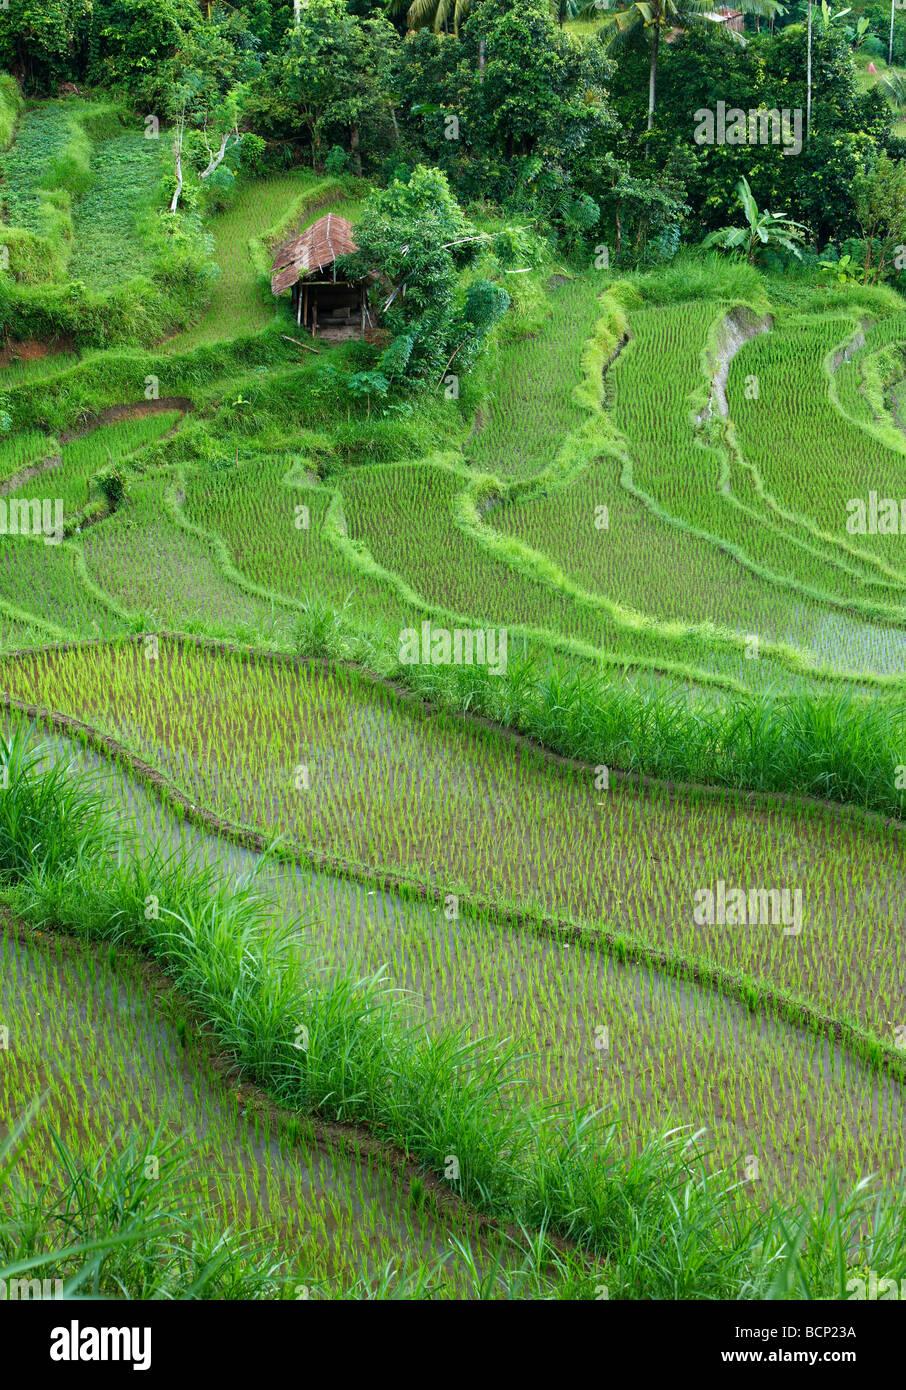 Los campos de arroz en terrazas, cerca de Tirtagangga, Bali, Indonesia Foto de stock